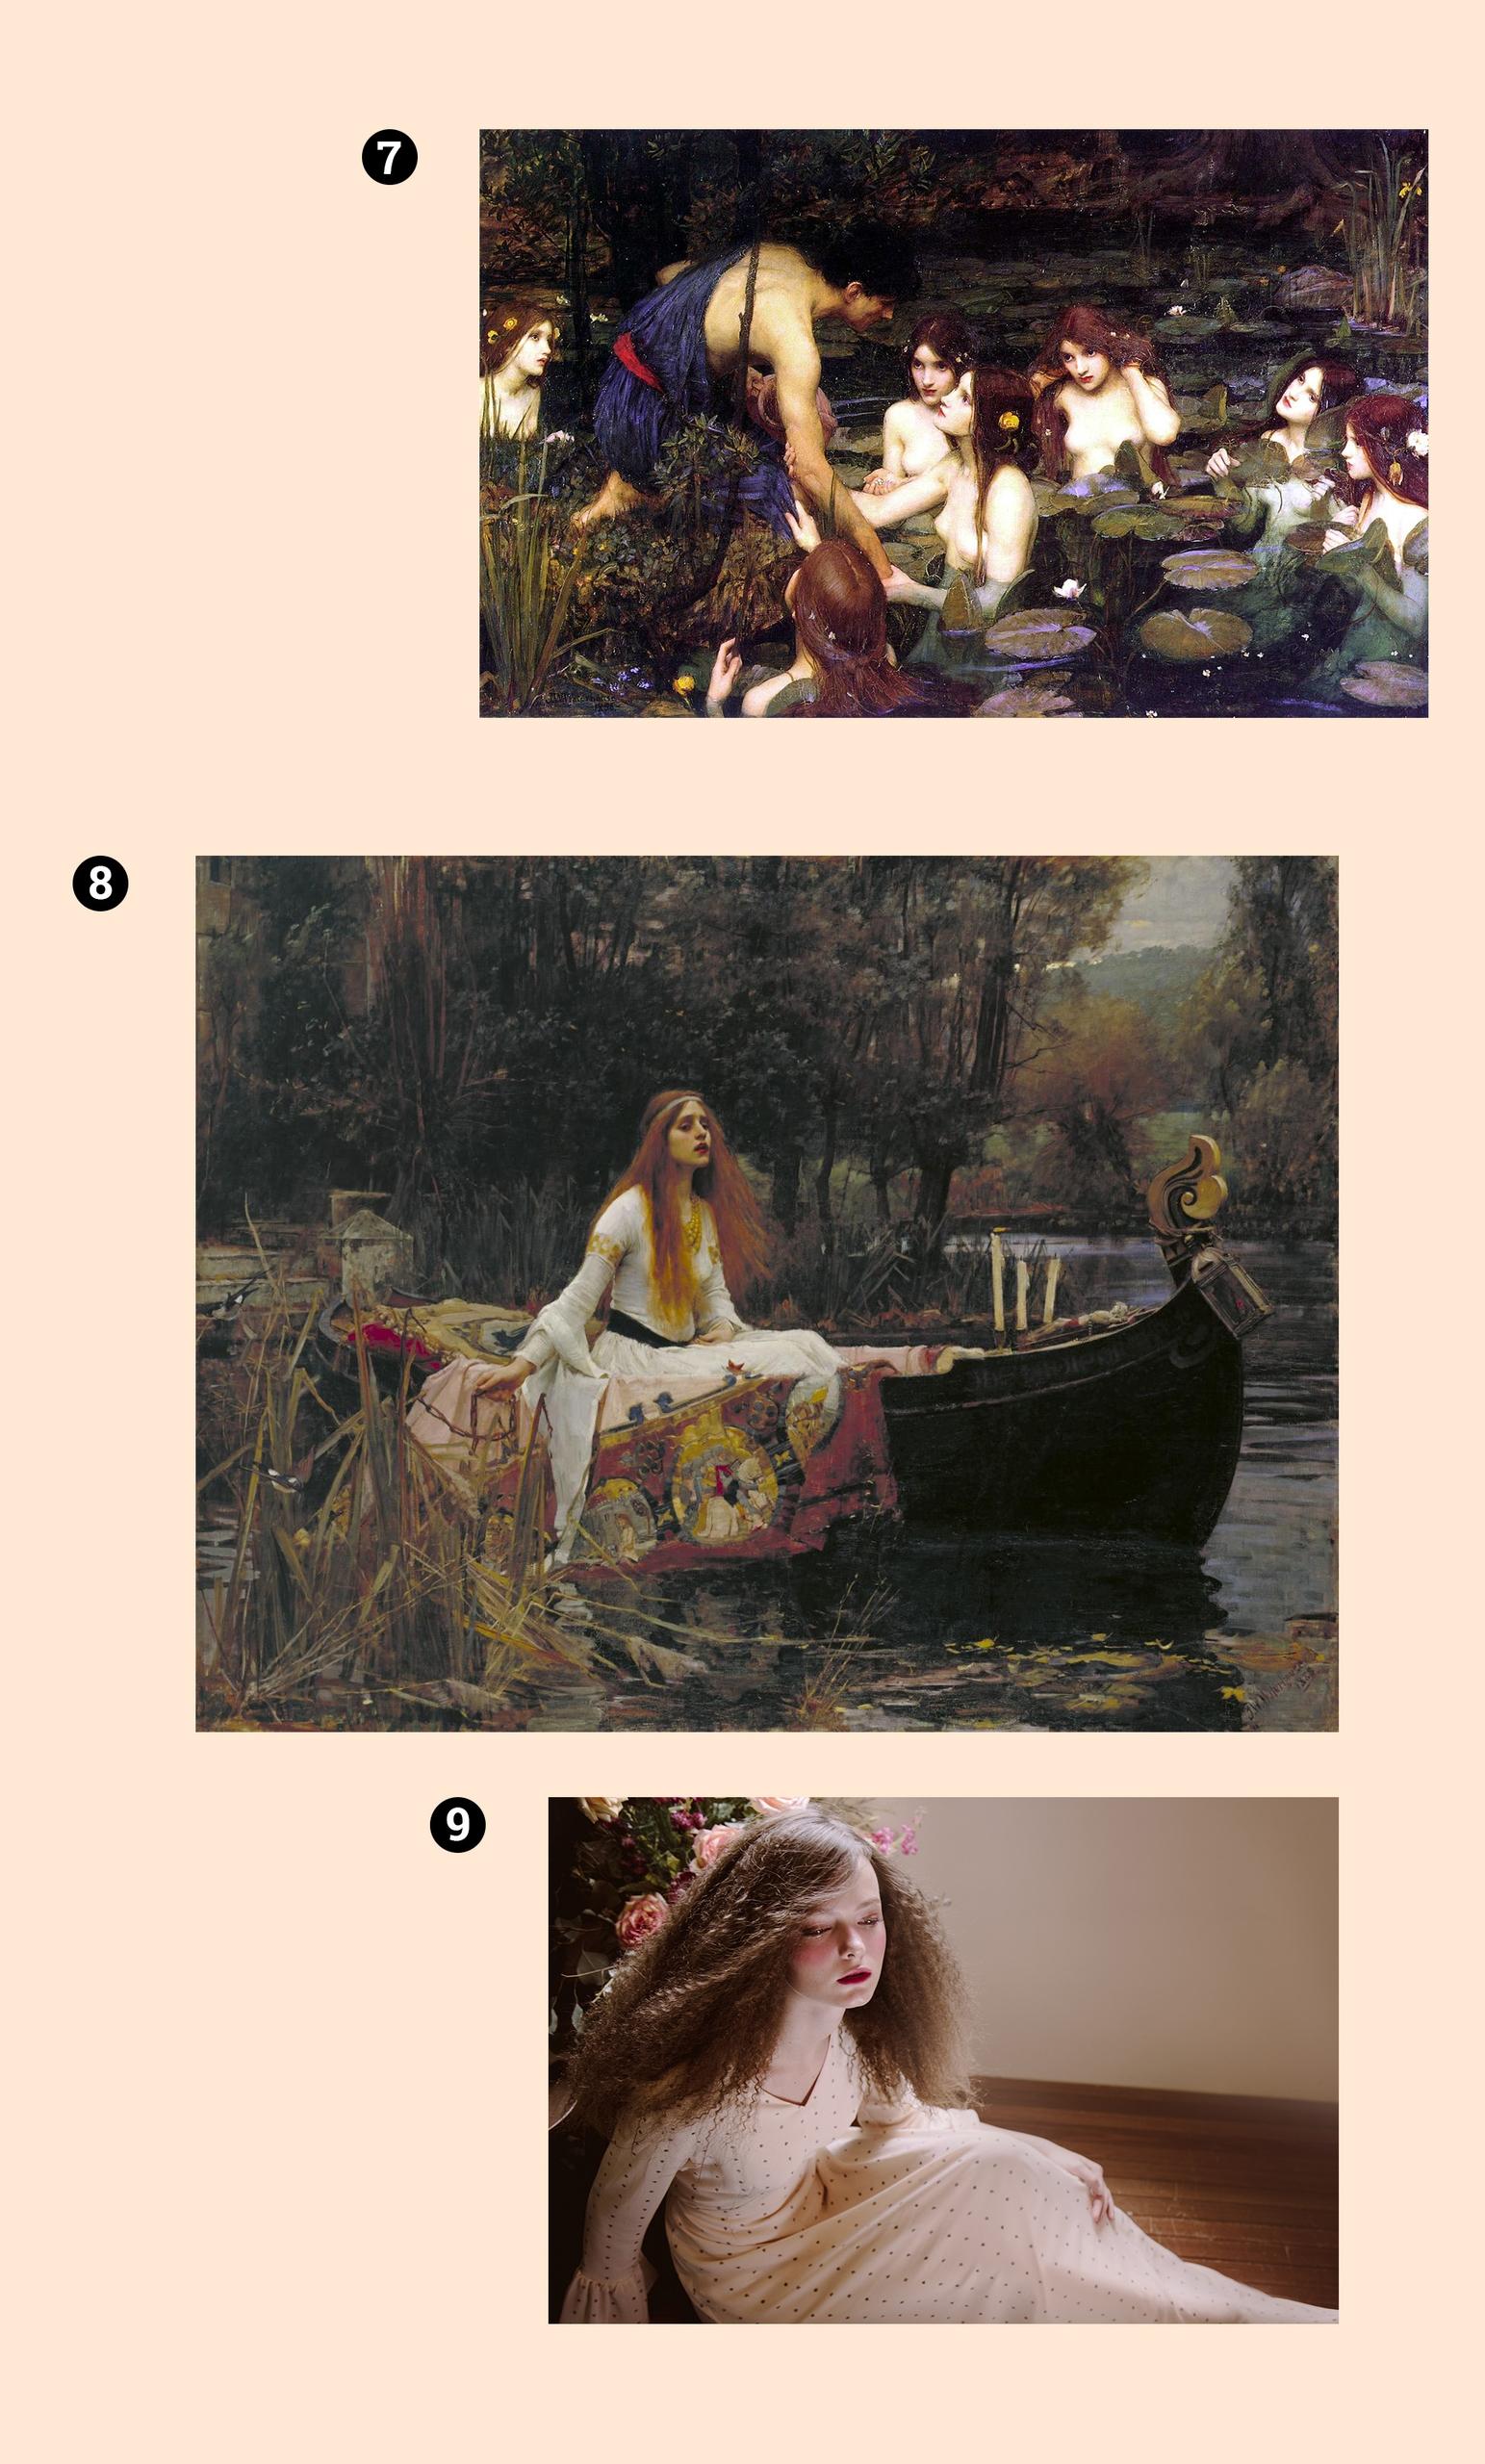 Obraz przedstawia trzy obrazy, na których widzimy postaci kobiece. Całość na jasnym tle.